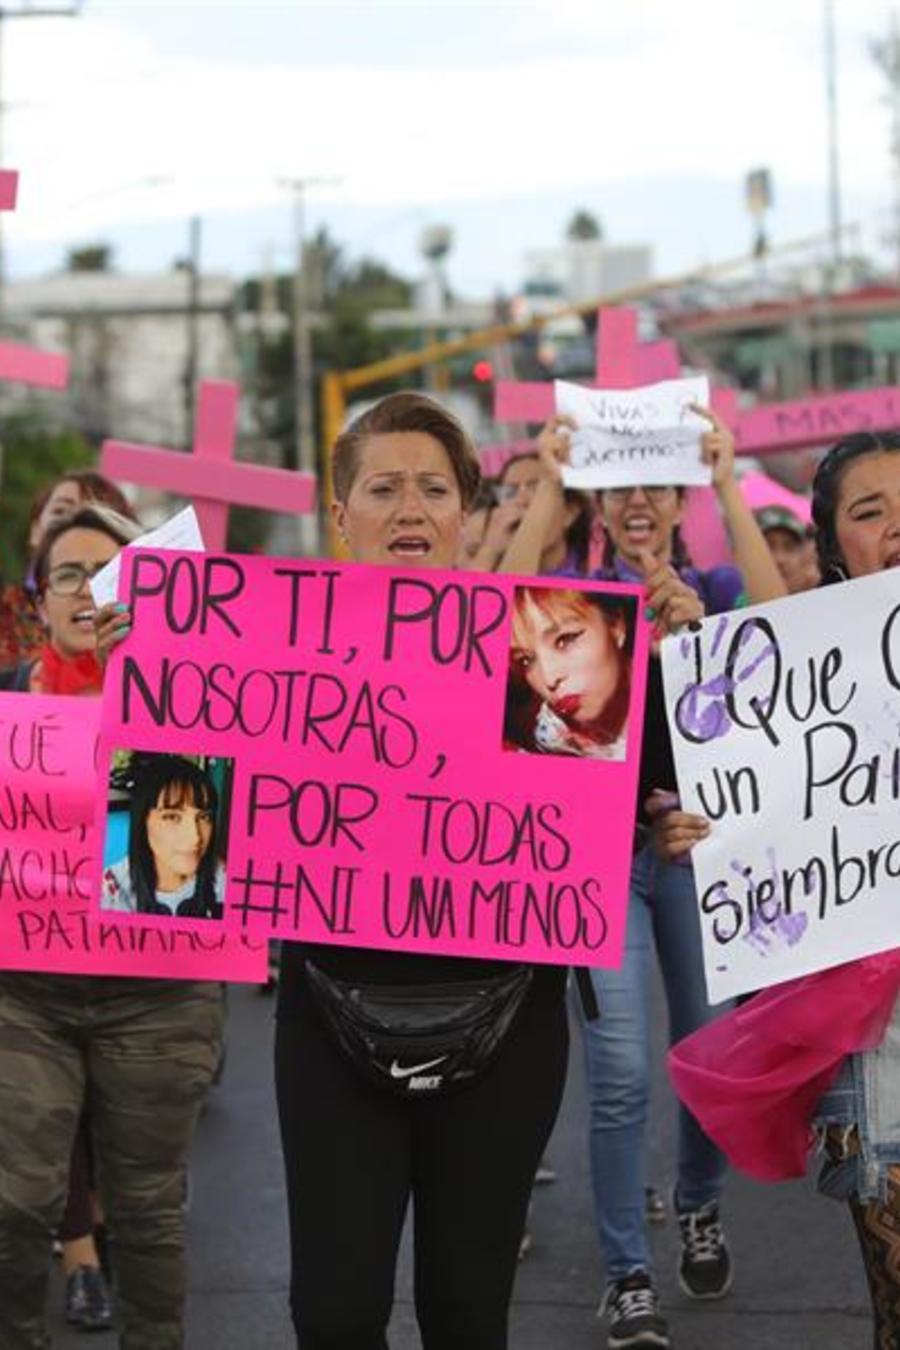 Mujeres protestan contra la violencia hacia las mujeres y los feminicidios hoy, viernes 30 de agosto de 2019, en Ecatepec Estado de México (México)